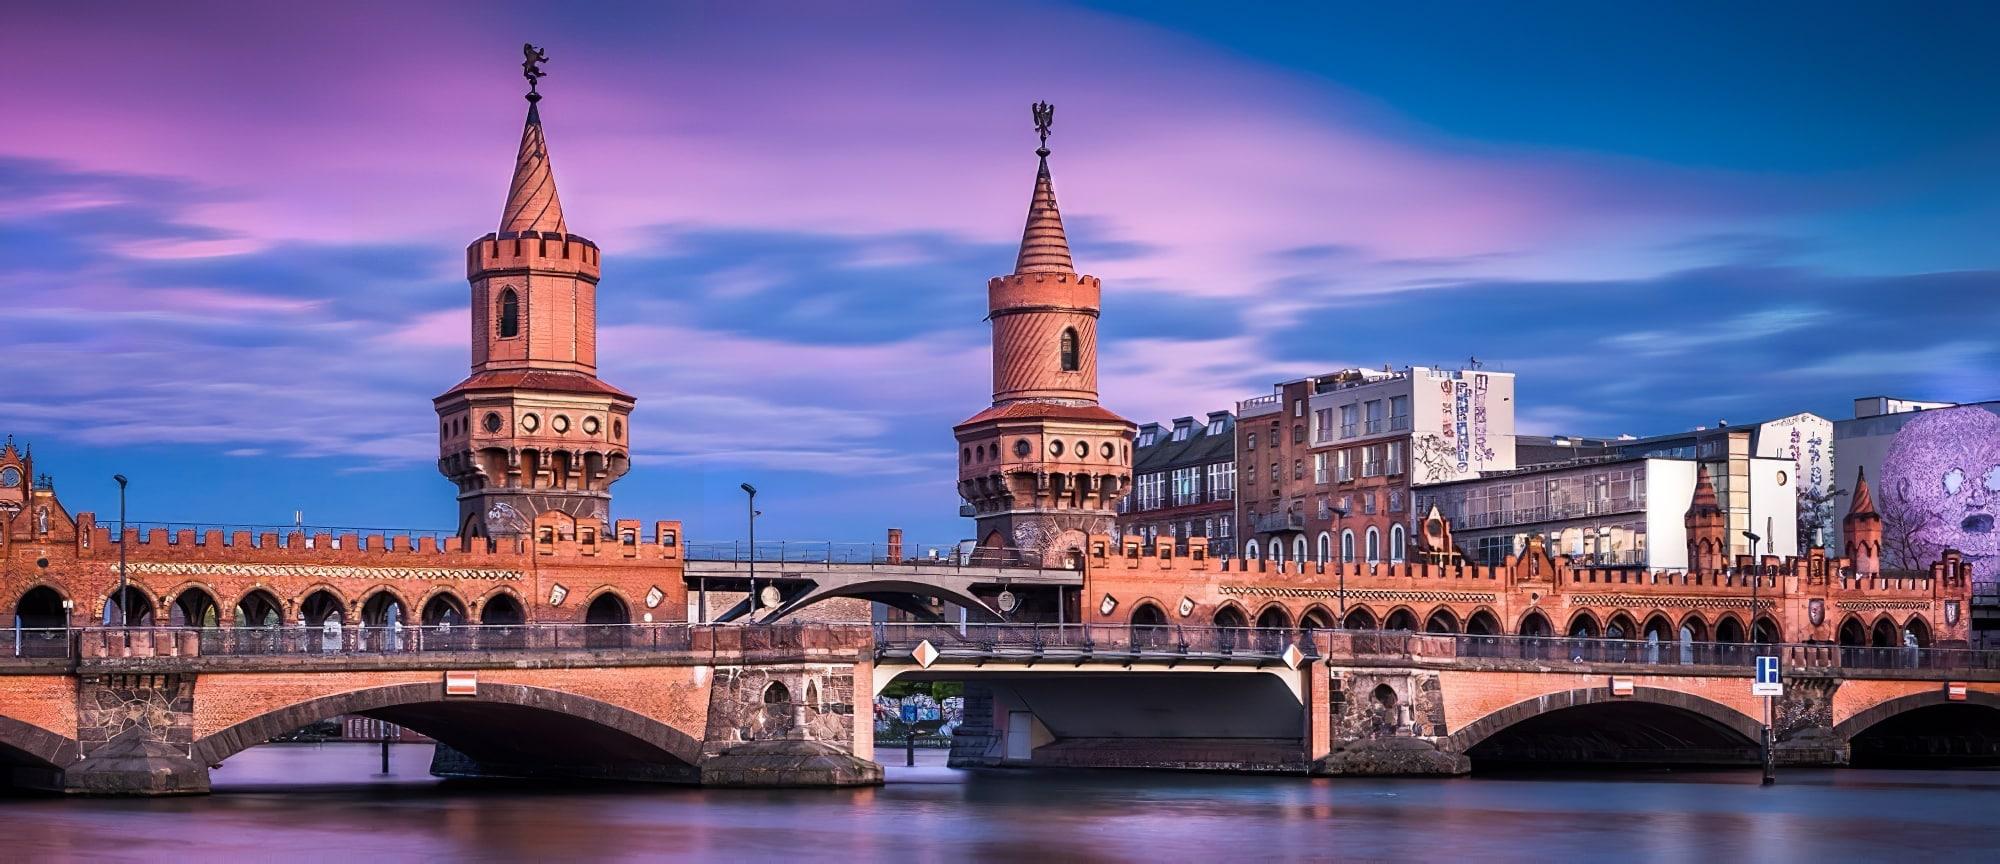 Se loger à Berlin, où dormir ?